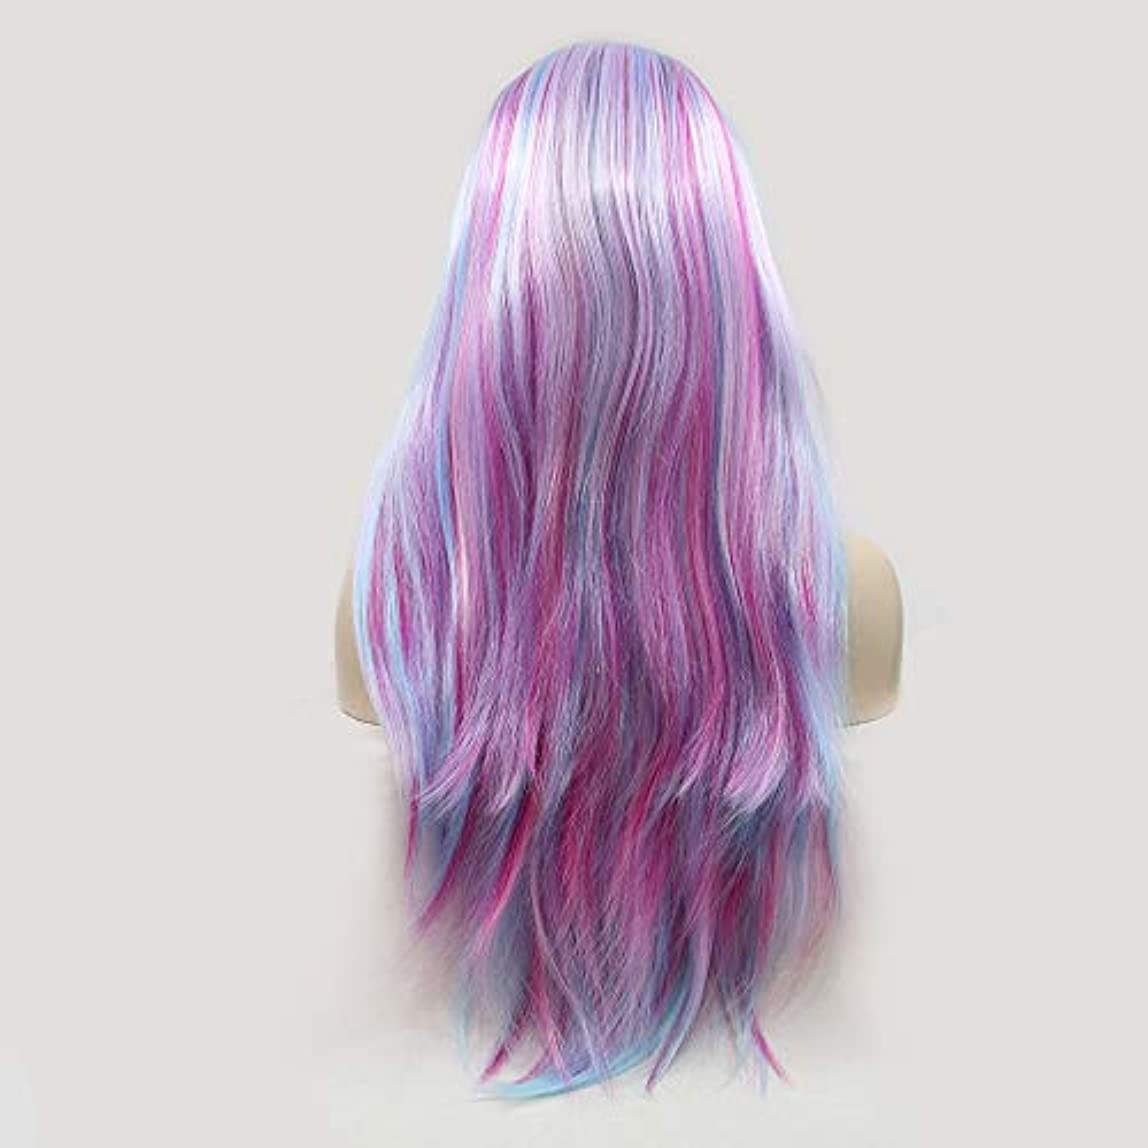 決定的暗唱する平等ヘアピース グラデーションカラーの長い巻き毛の手作りレースヨーロッパとアメリカのかつらウィッグ髪に設定